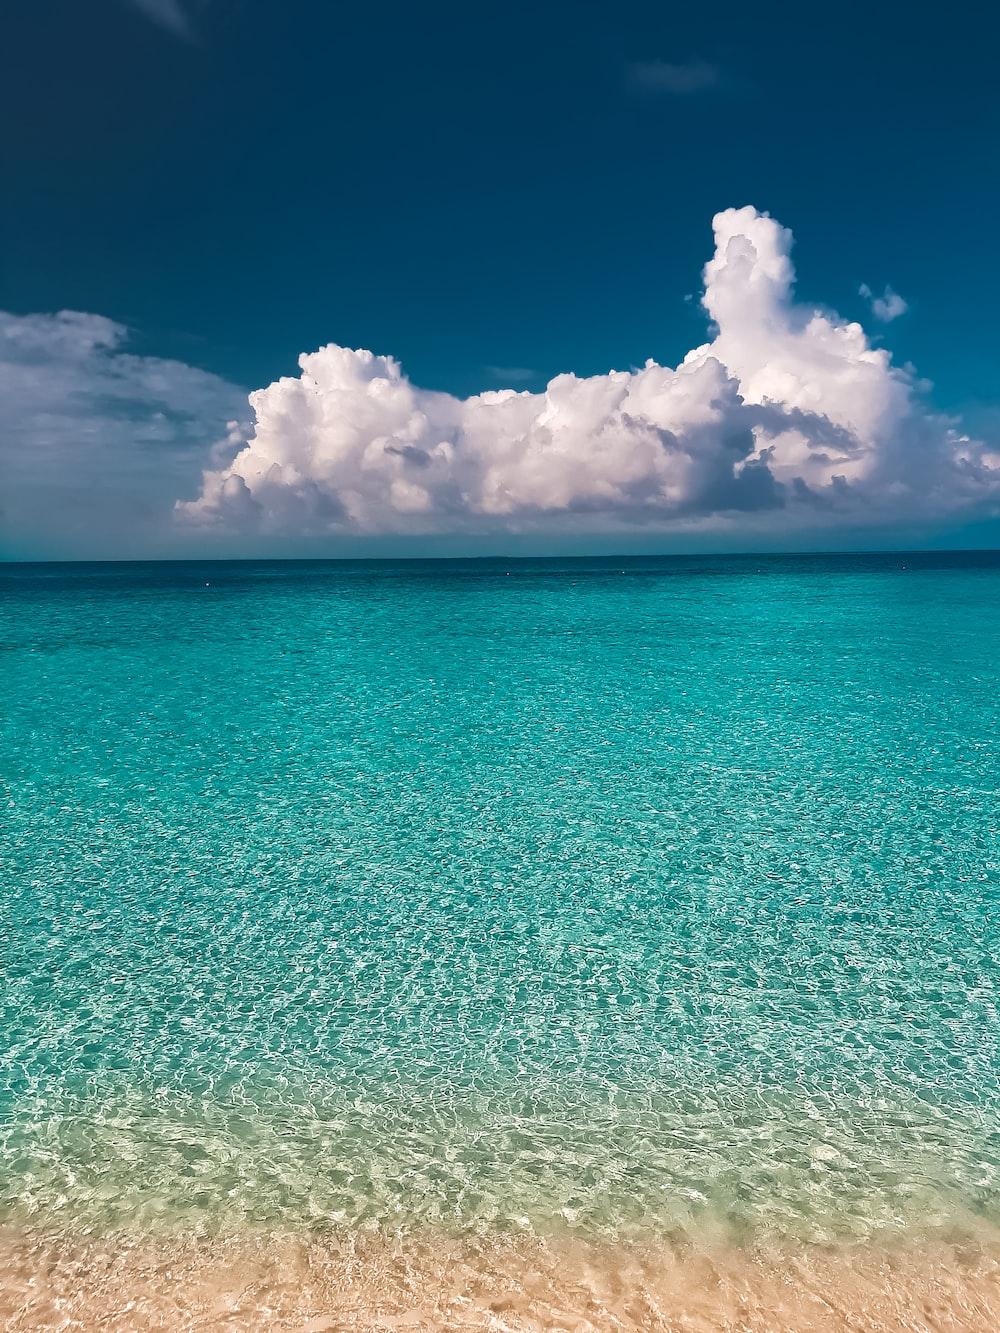 日中の海岸の写真